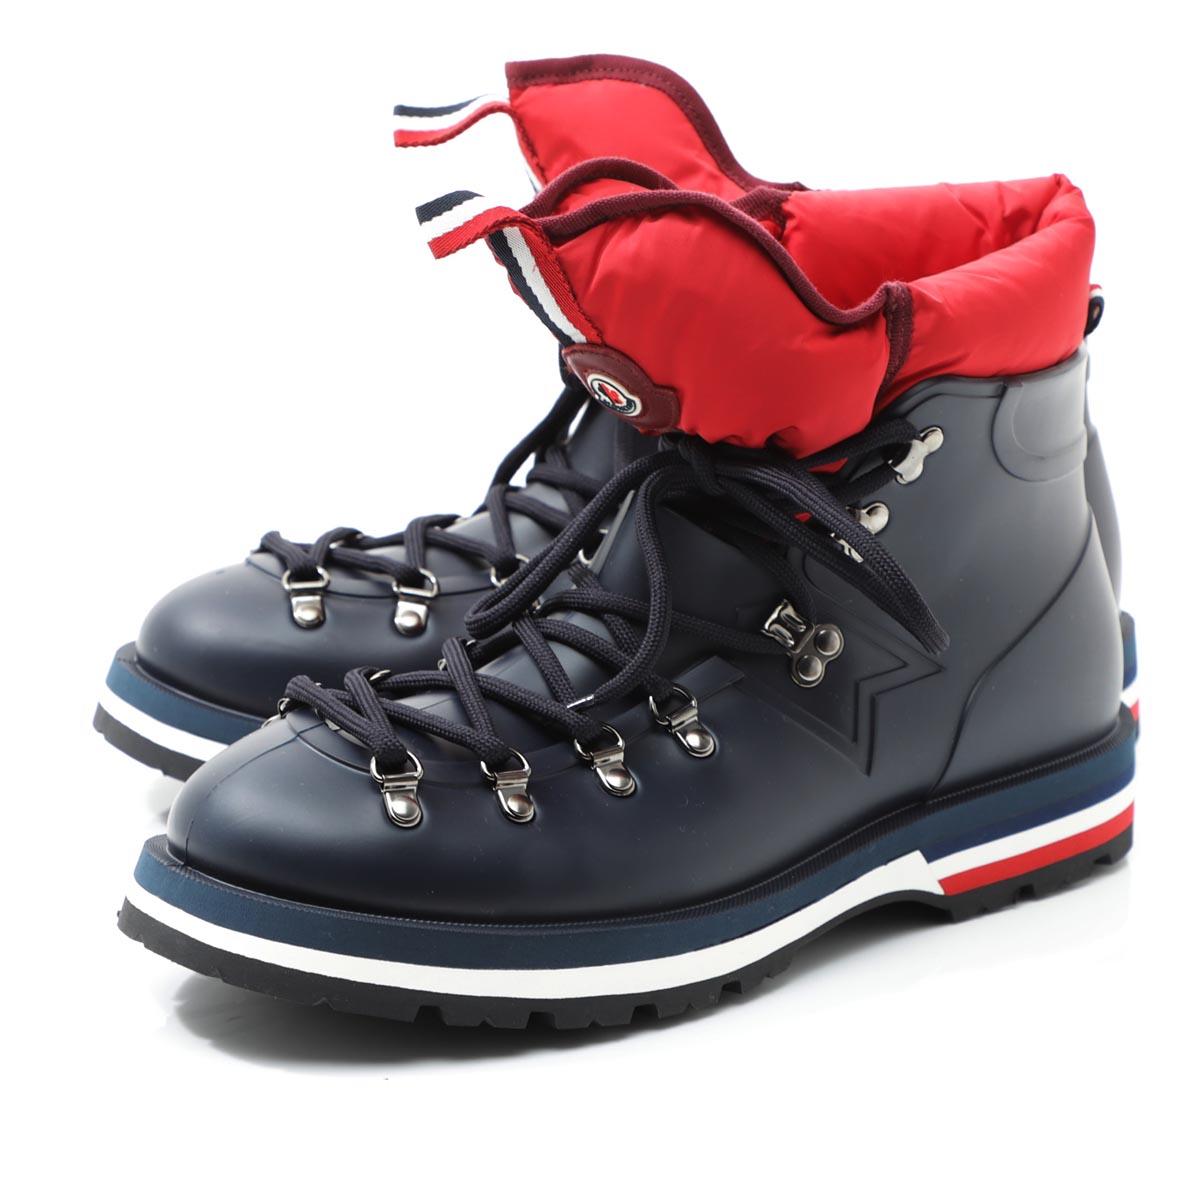 モンクレール MONCLER レインブーツ ブルー メンズ カジュアル 雨靴 撥水 防水 大きいサイズあり henoc 1034500 019z2 779 HENOC SCARPA【あす楽対応_関東】【返品送料無料】【ラッピング無料】